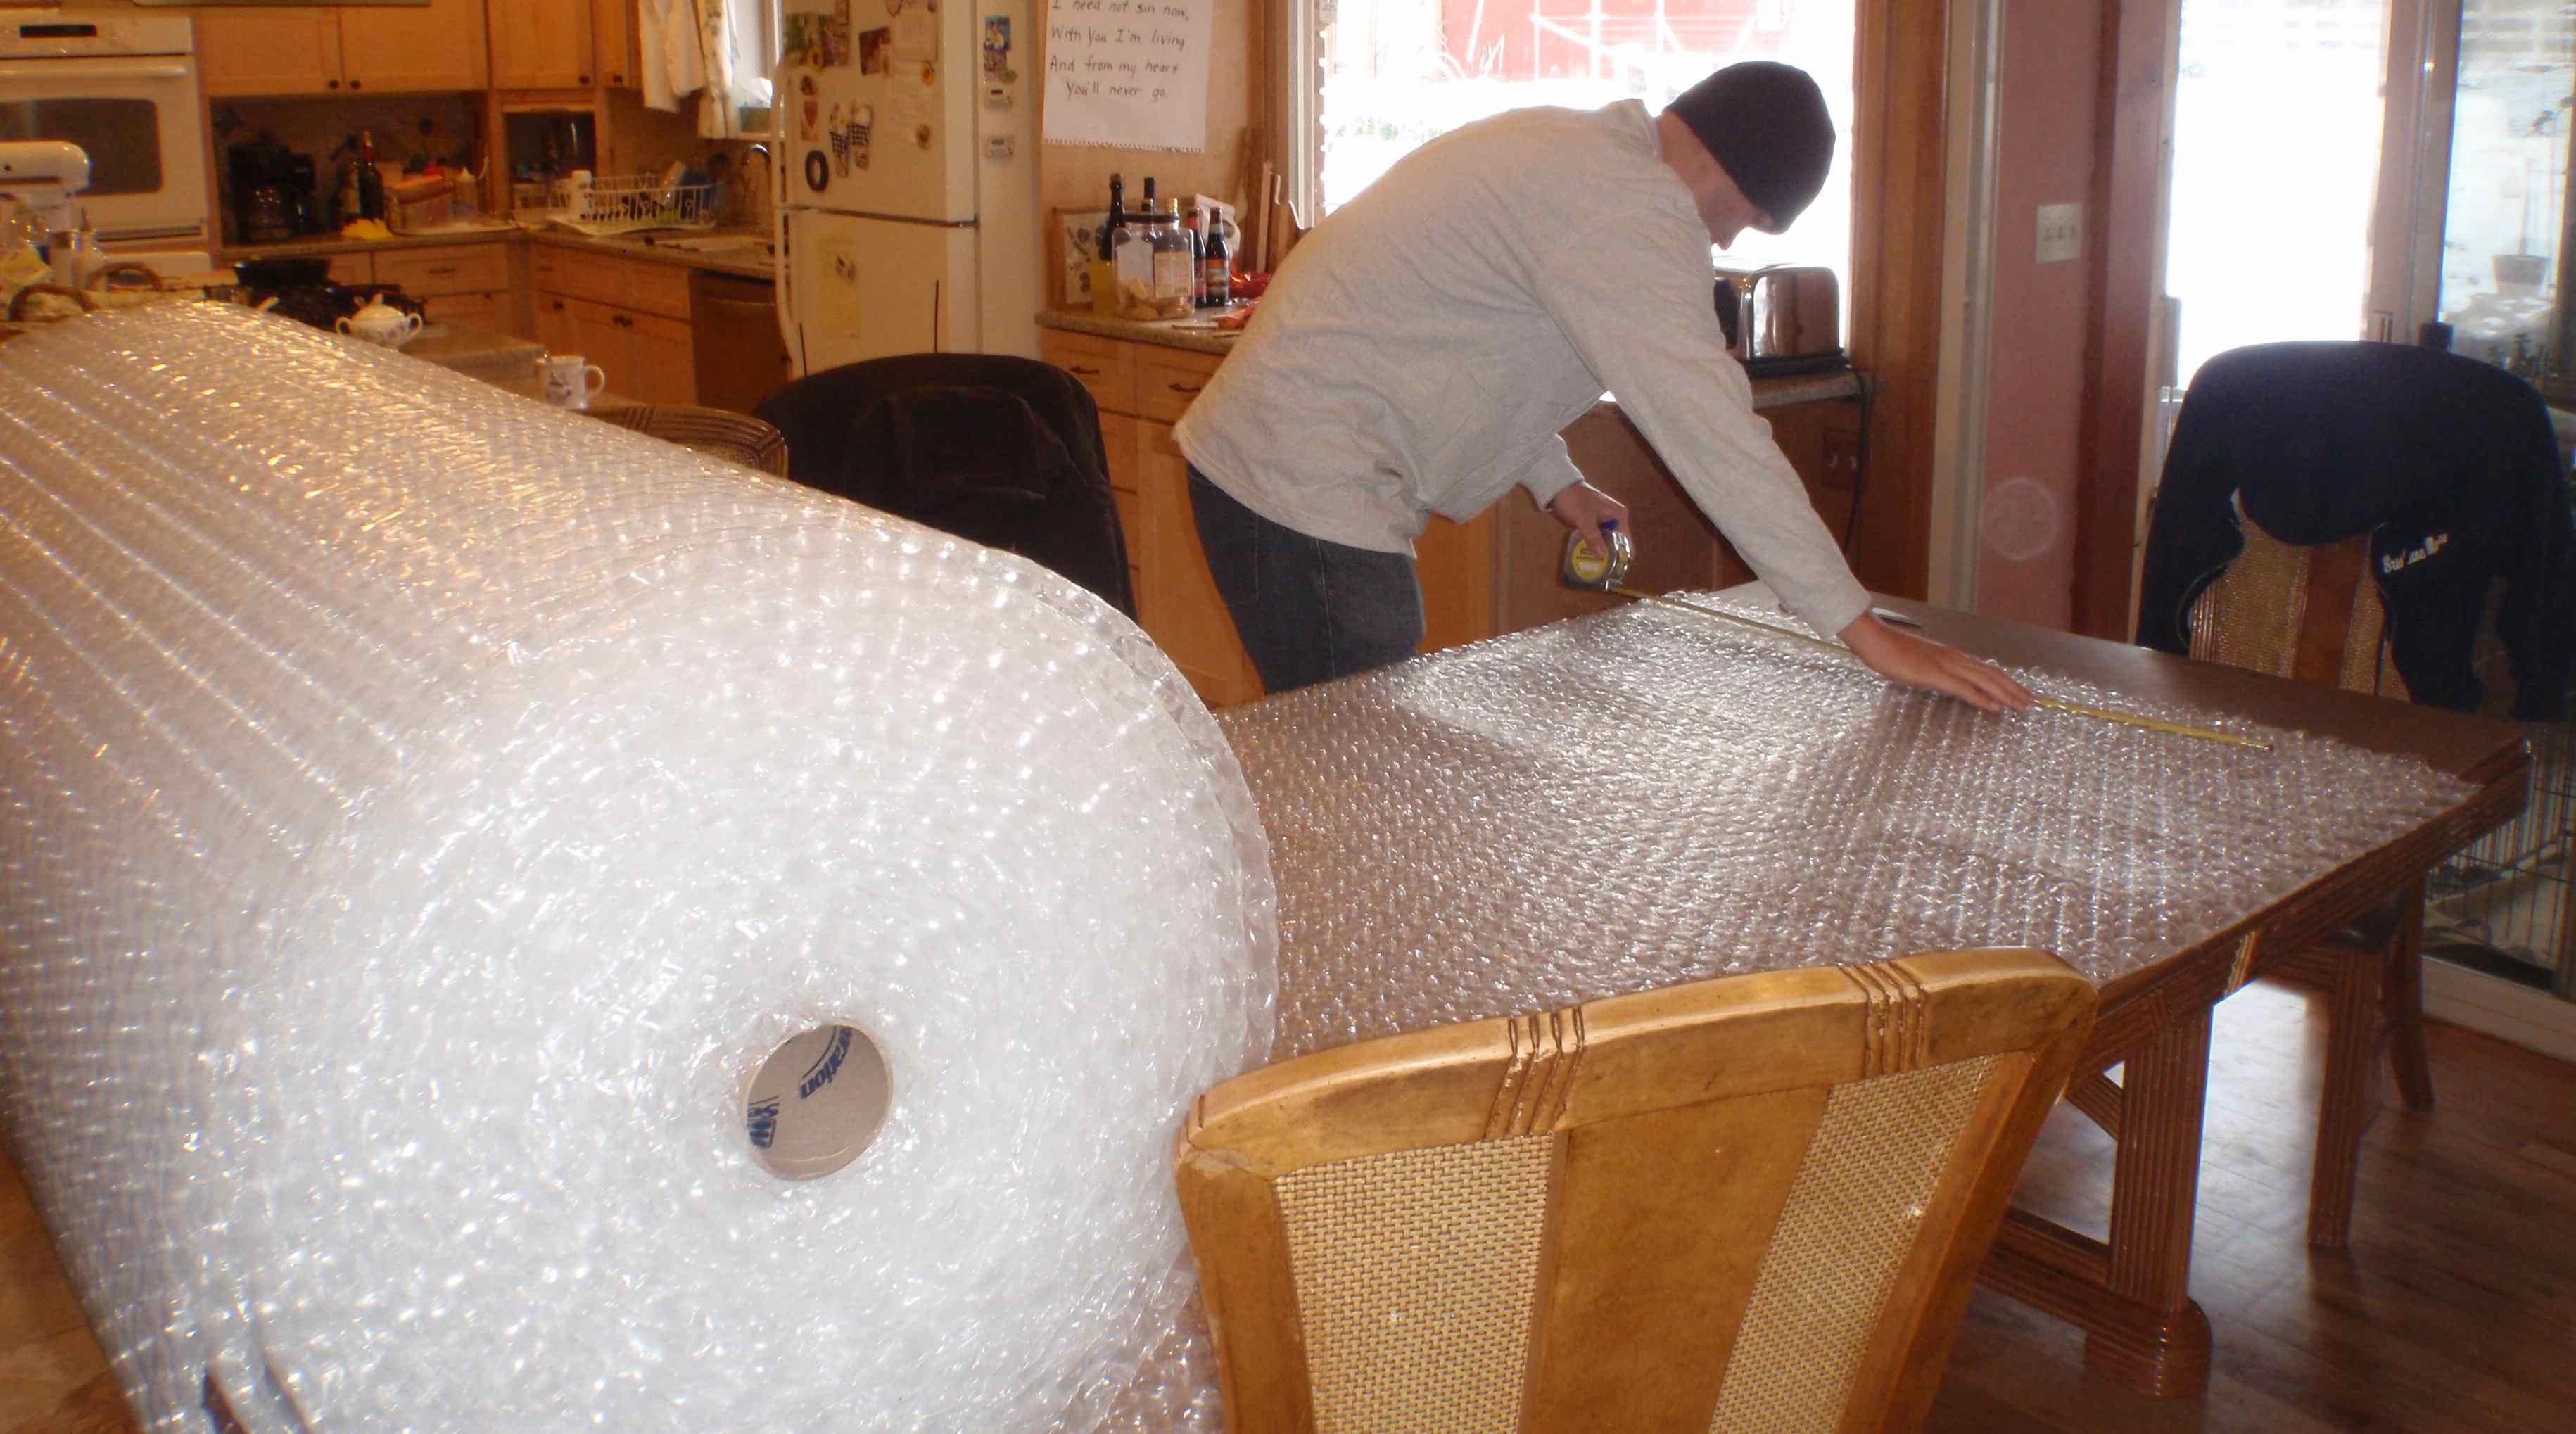 Мое применение пузырчатой упаковки с пользой для быта и выгодой для кошелька